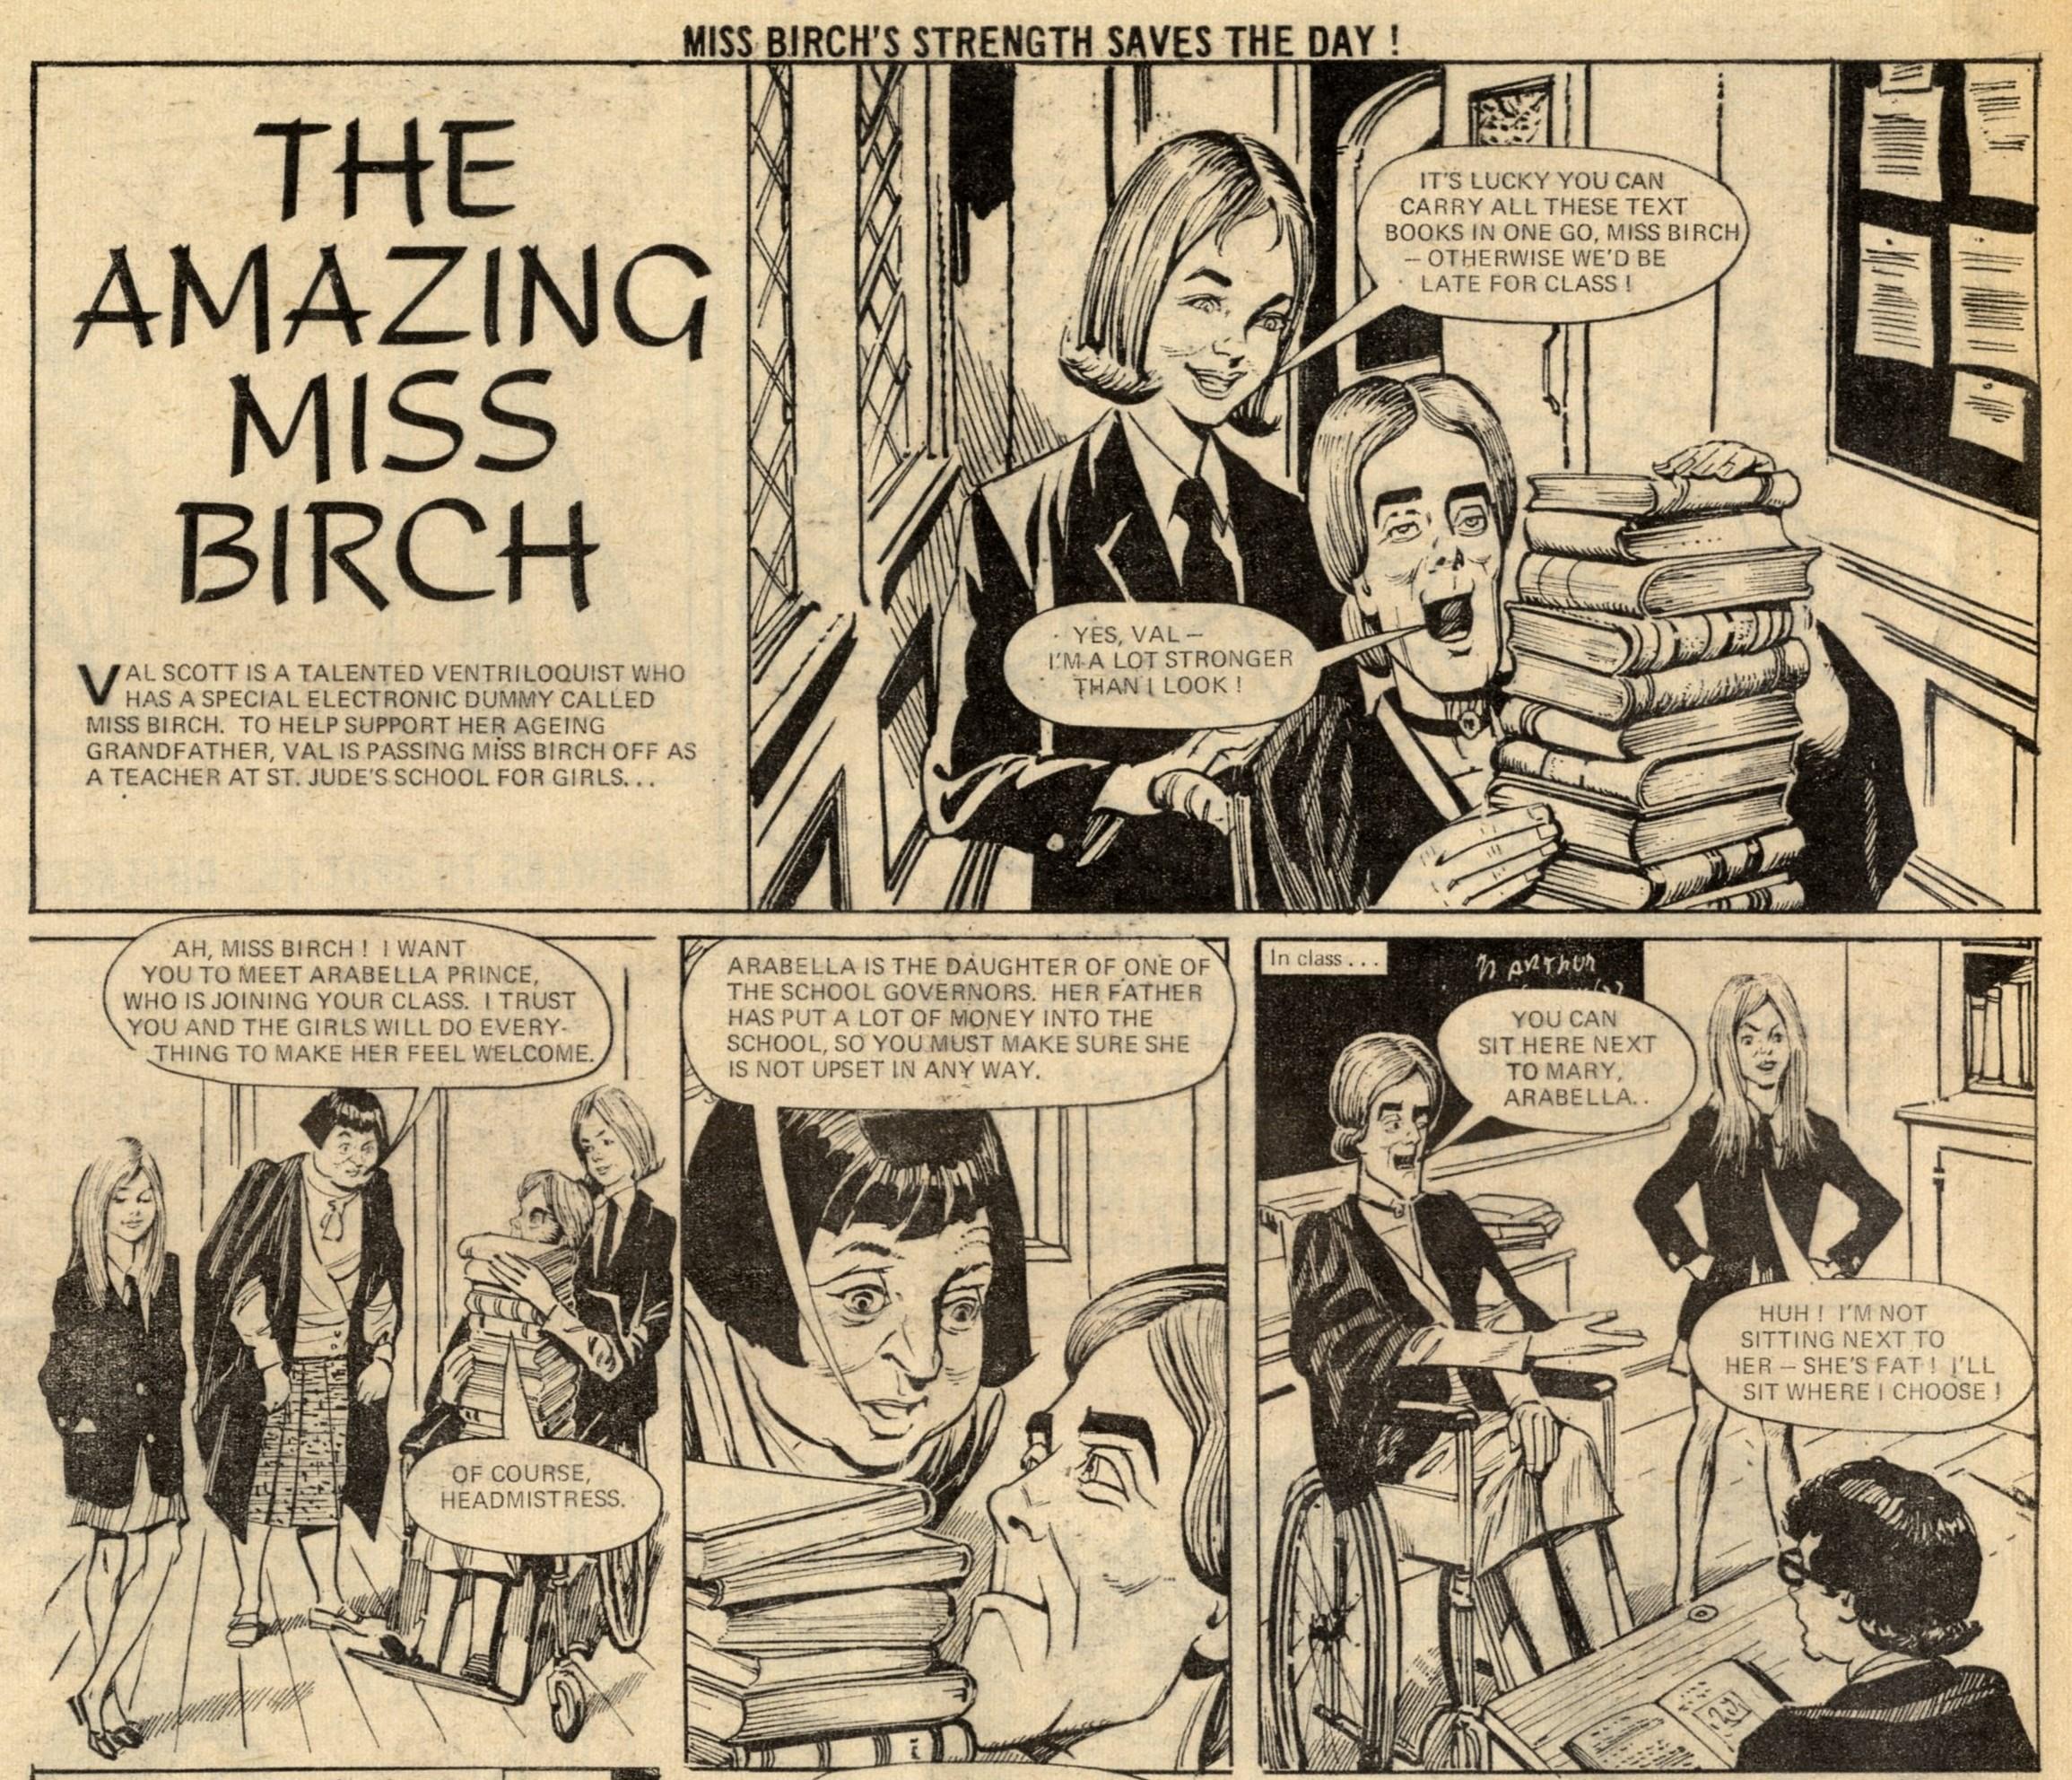 The Amazing Miss Birch: A. E. Allen (artist)